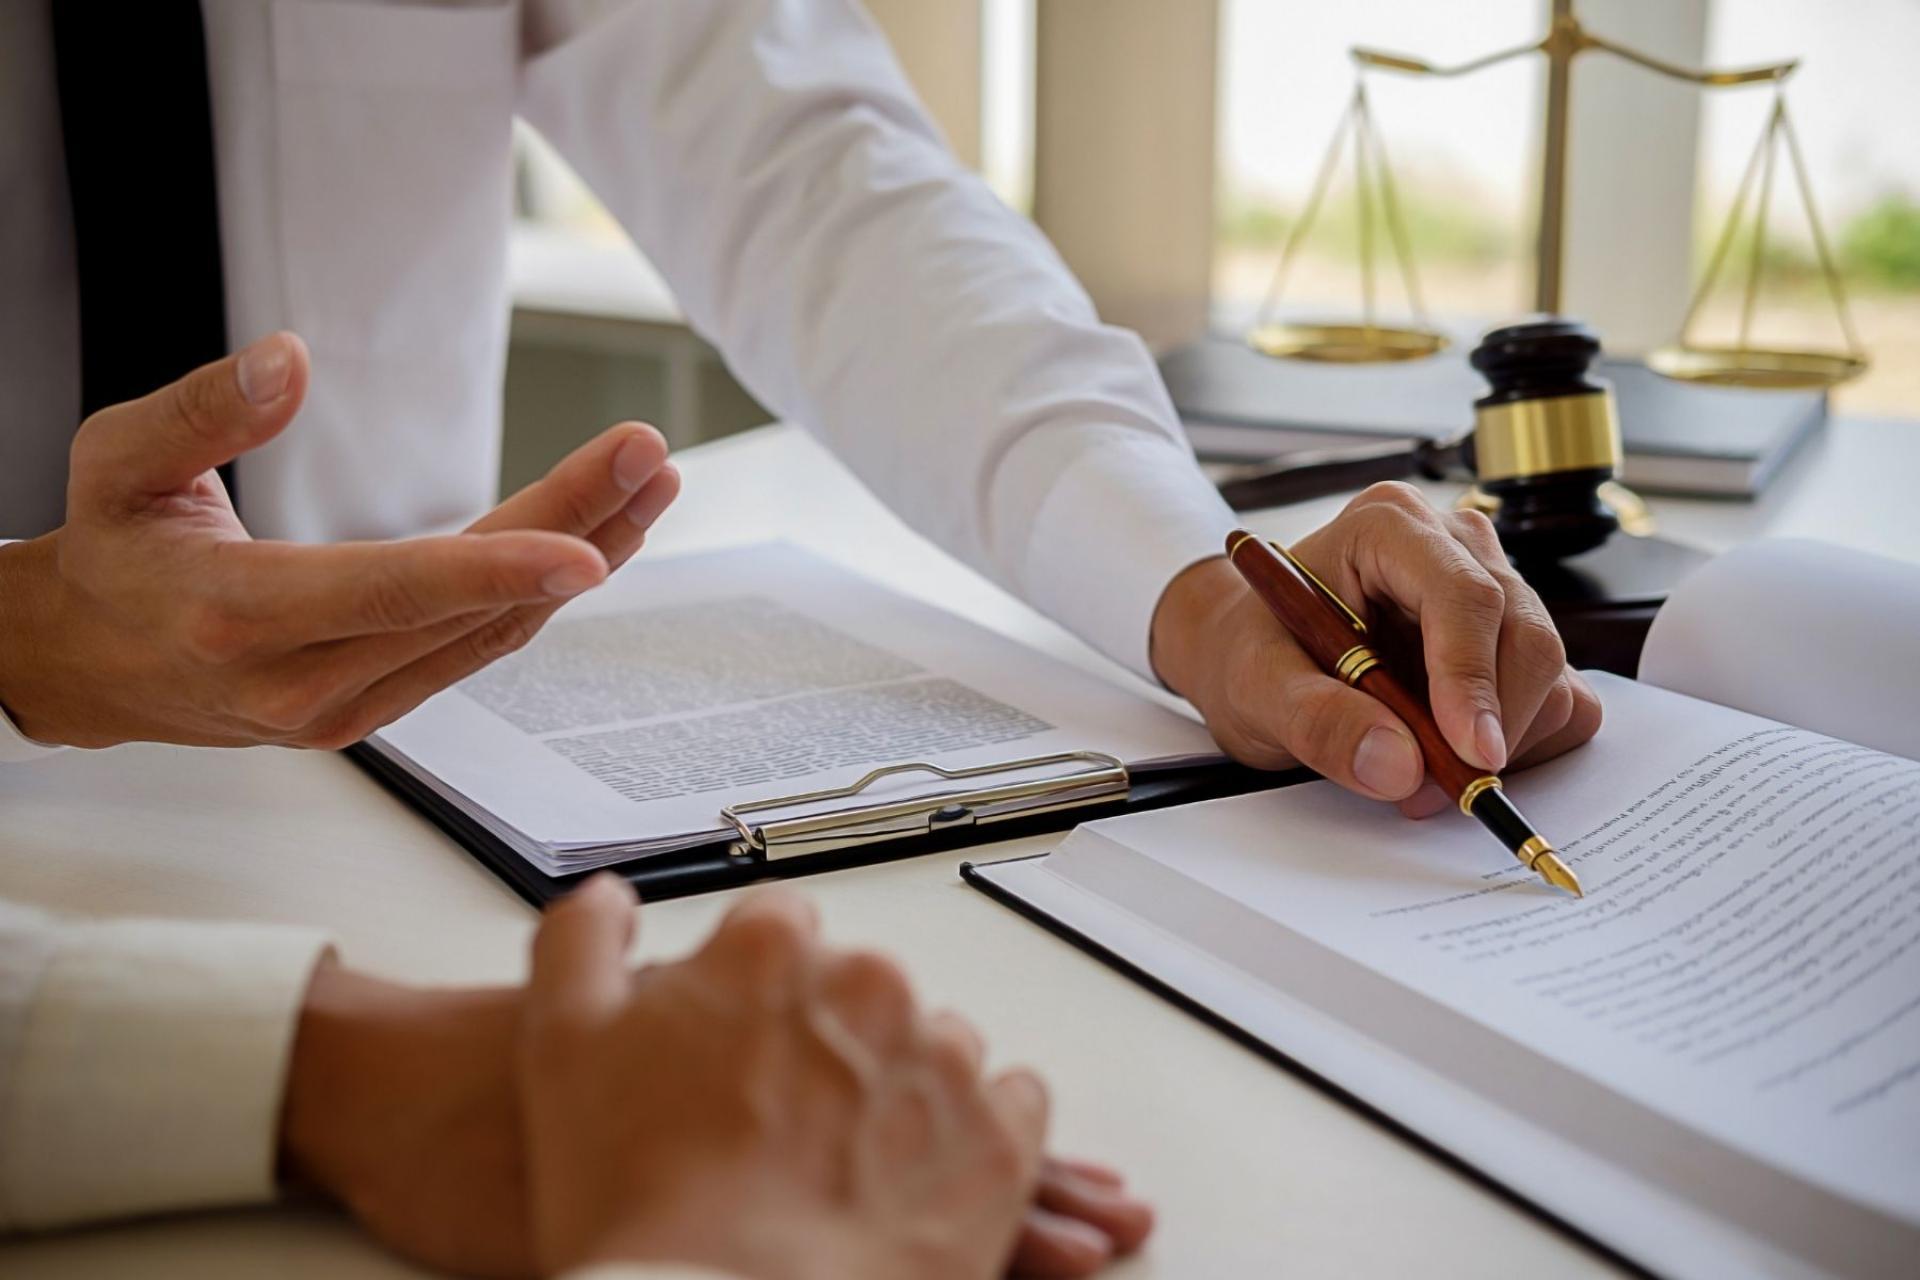 ¿Es recomendable que los despachos de abogados y las asesorías trabajen las redes sociales? Por Conchi Sancar, especialista en marketing y comunicación